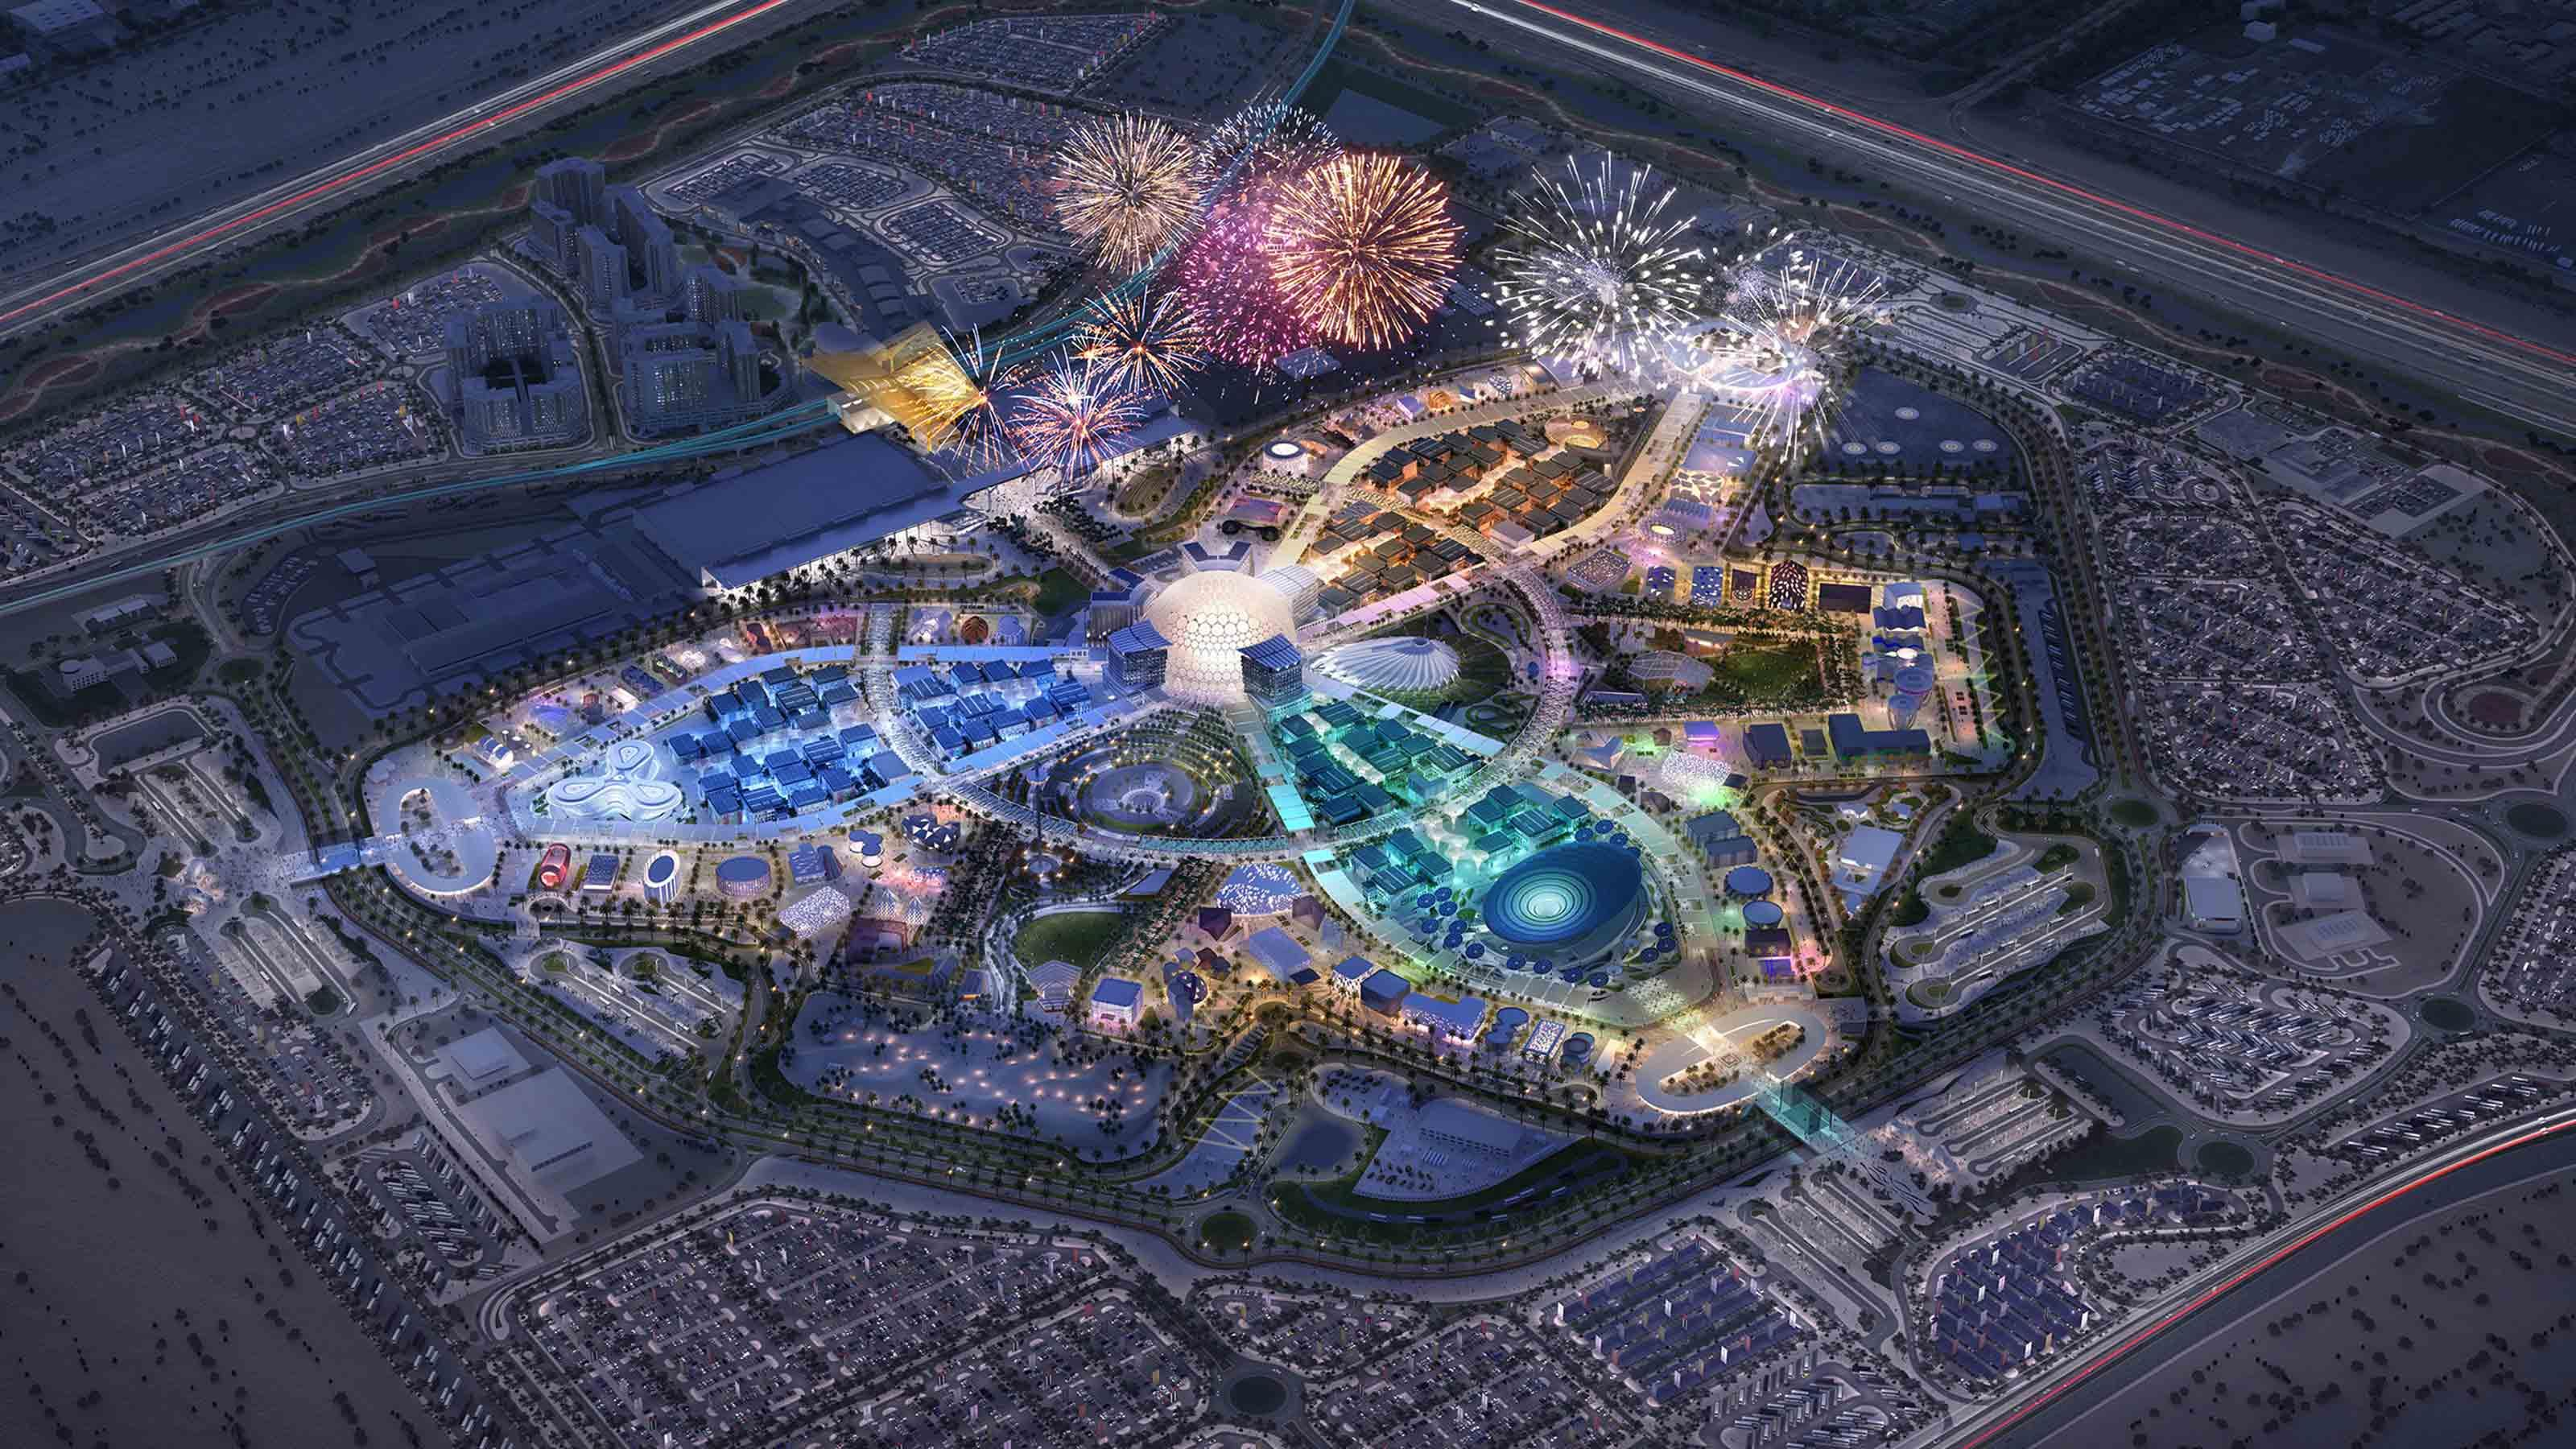 Dubai Expo 2020 aerial picture